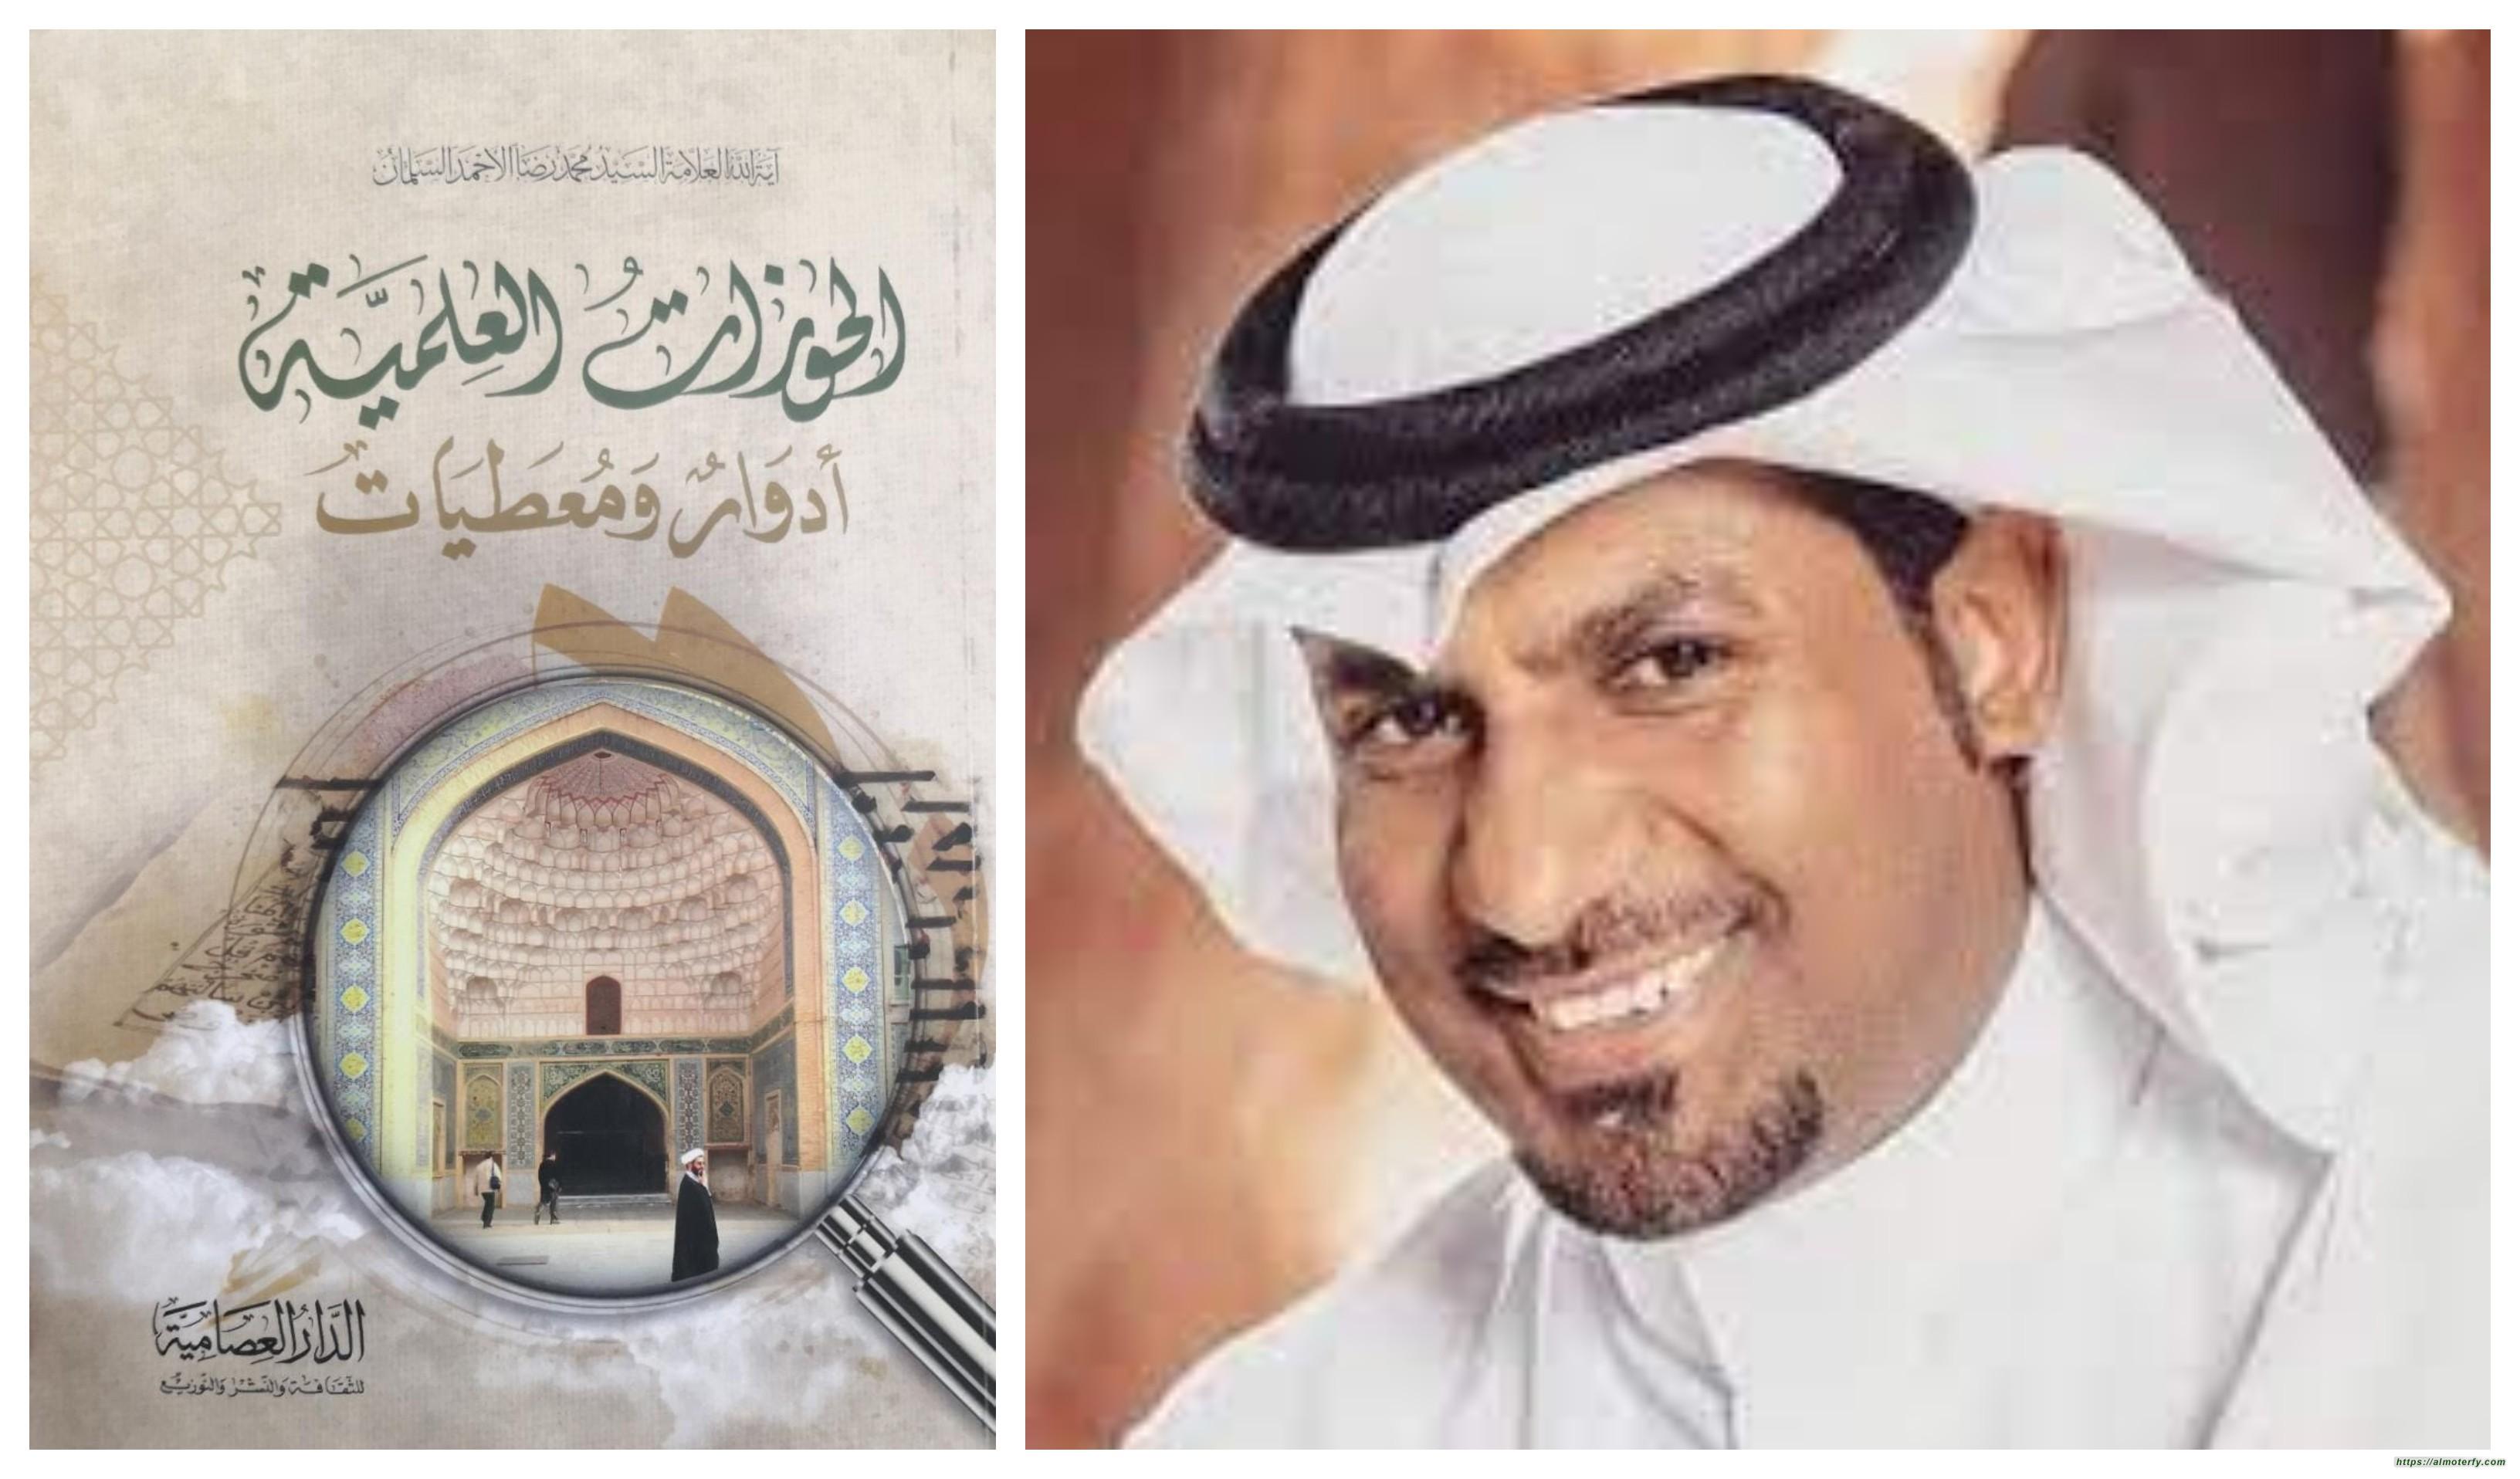 الحوزات العلمية أدوار ومعطيات آية الله العلامة السيد محمد رضا الأحمد السلمان